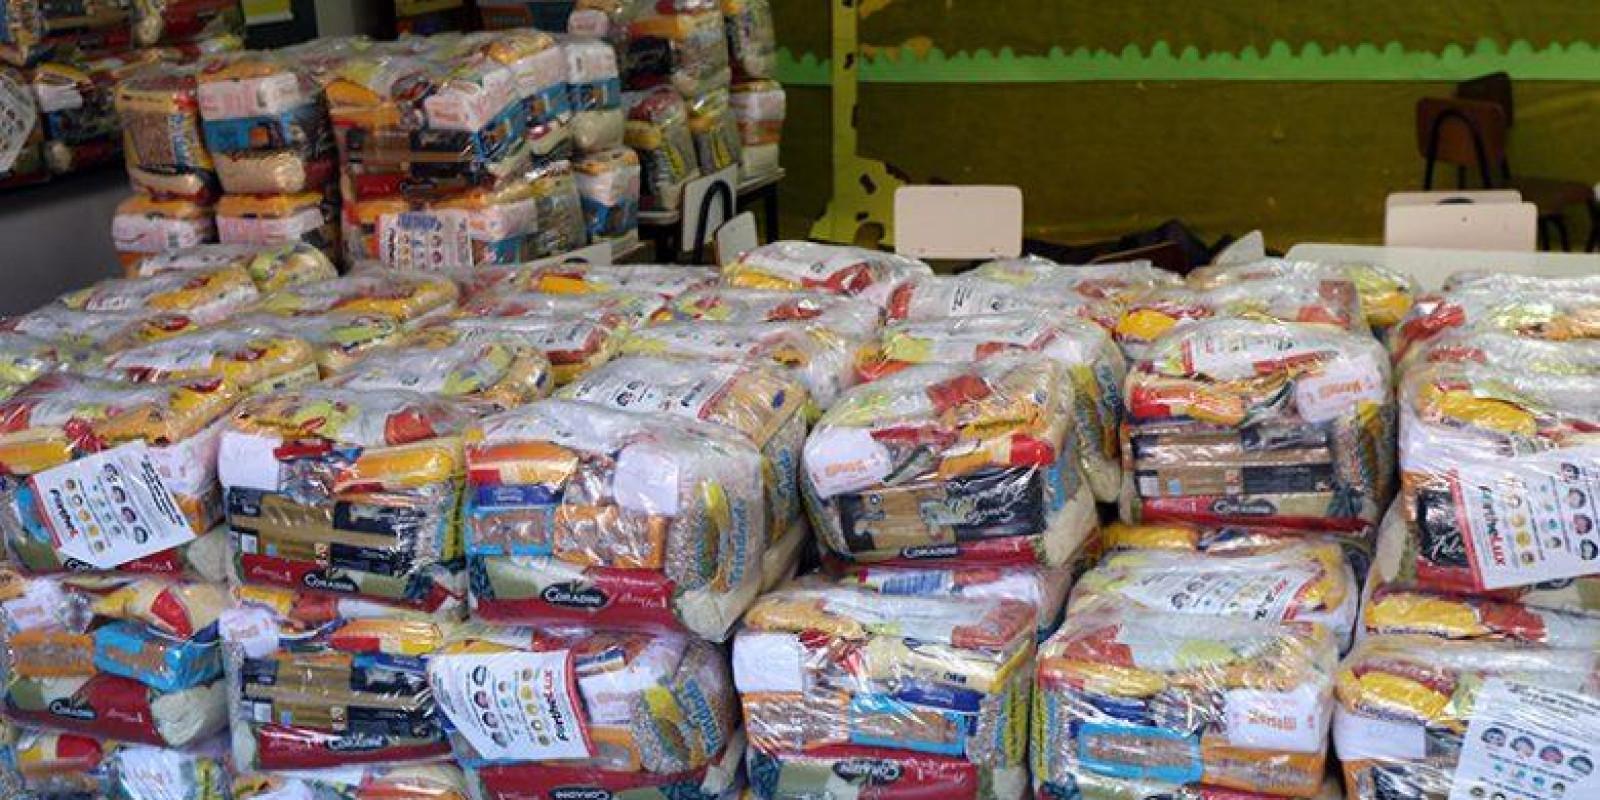 SEMEC de Três Lagoas informa que está aberto o cadastro do Kit Alimentação para os estudantes da Rede Municipal de Ensino